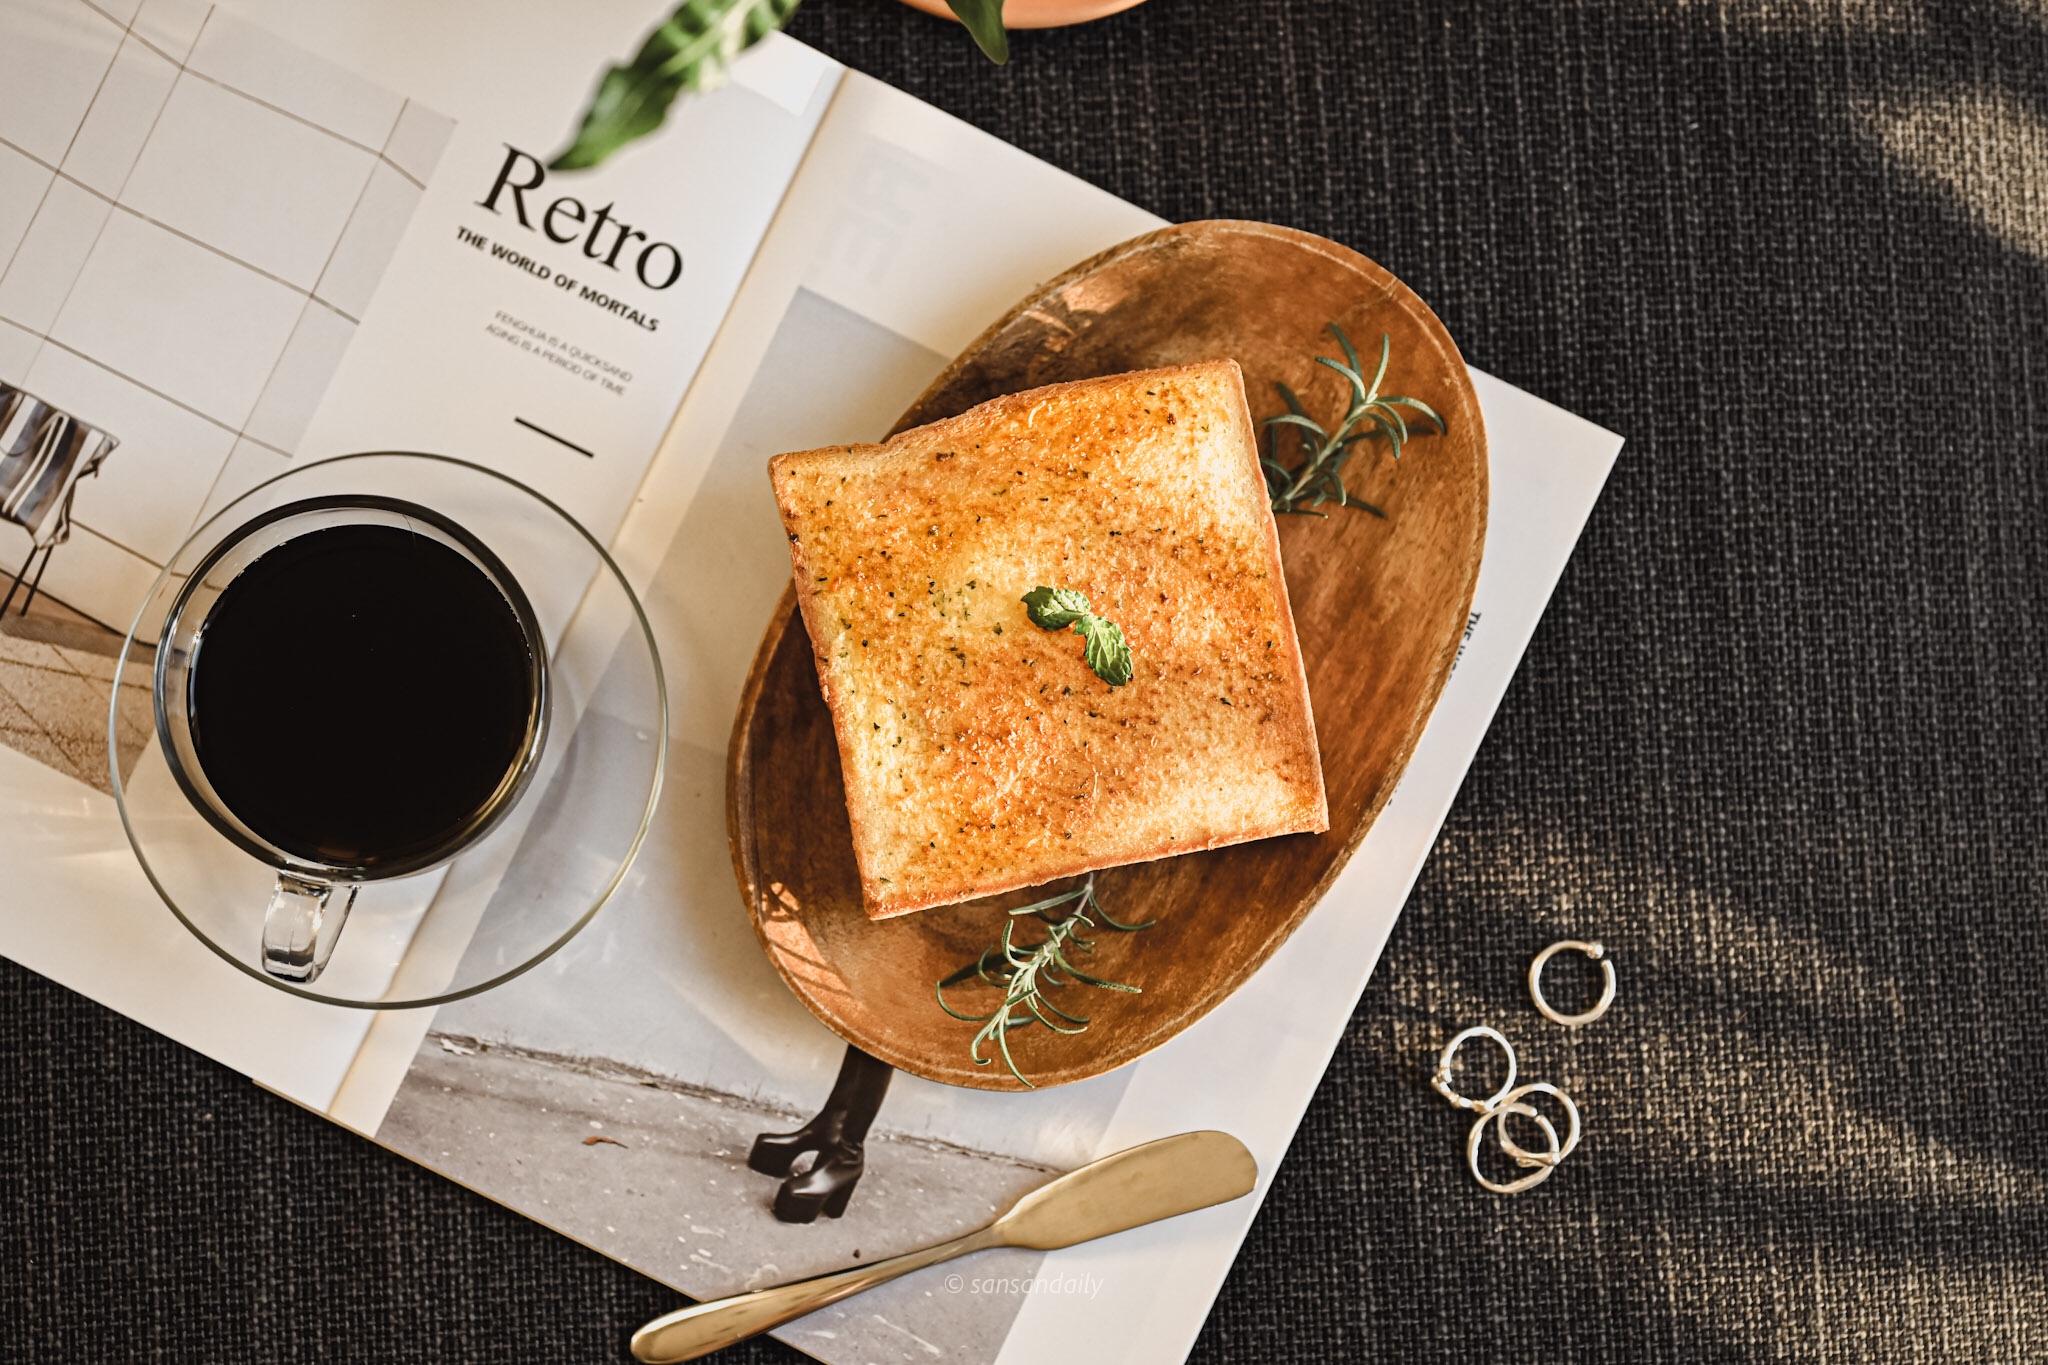 中和美食 愛維爾手感烘焙坊新品「四葉鮮菓子」懶人早餐必備、居家下午茶推薦抹醬厚片|sansan吃新北